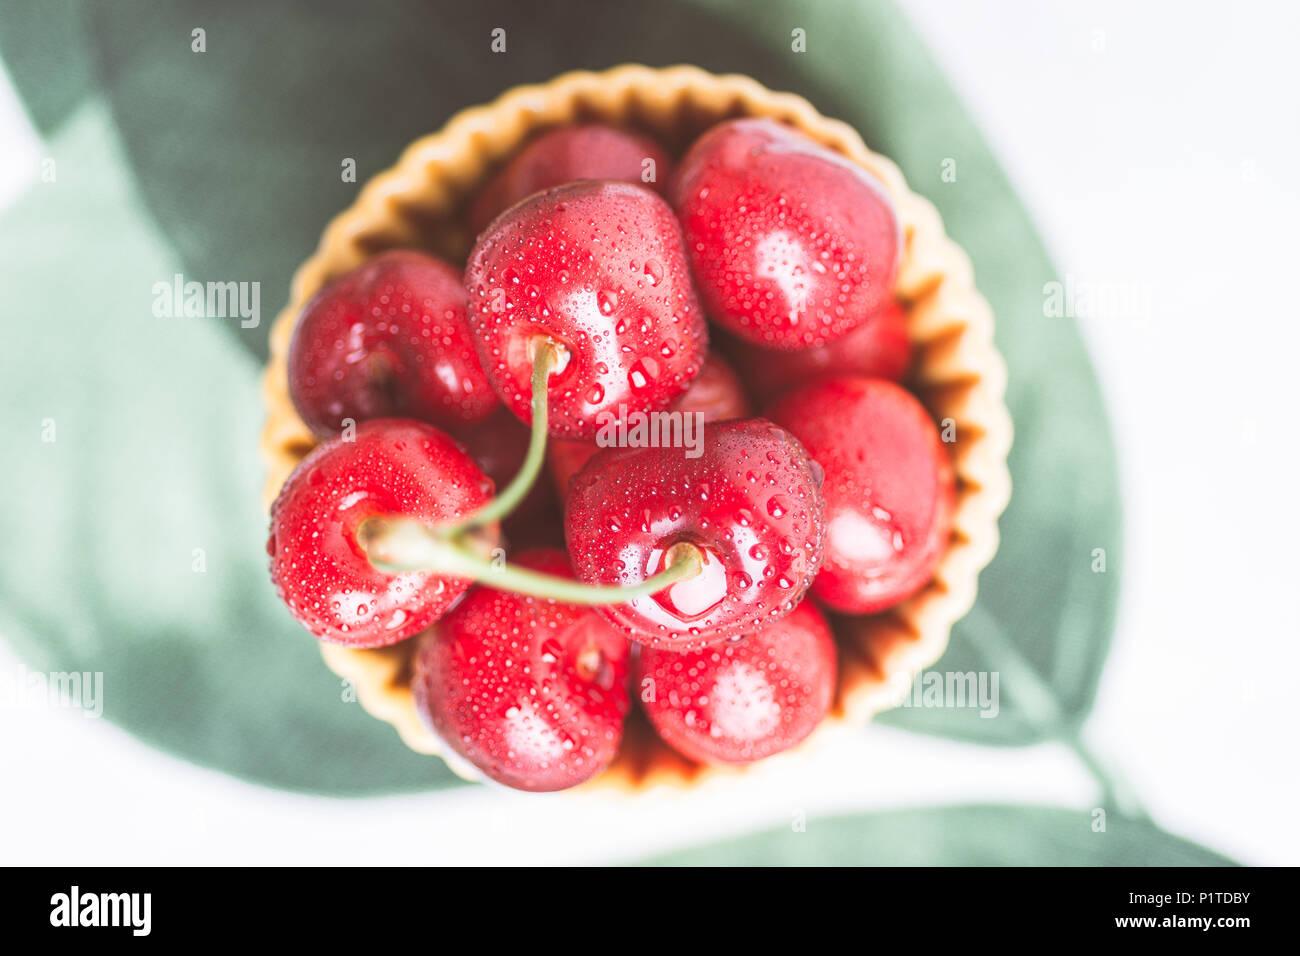 Gespritzte rote Kirschen im Sommer Konzept Stockbild